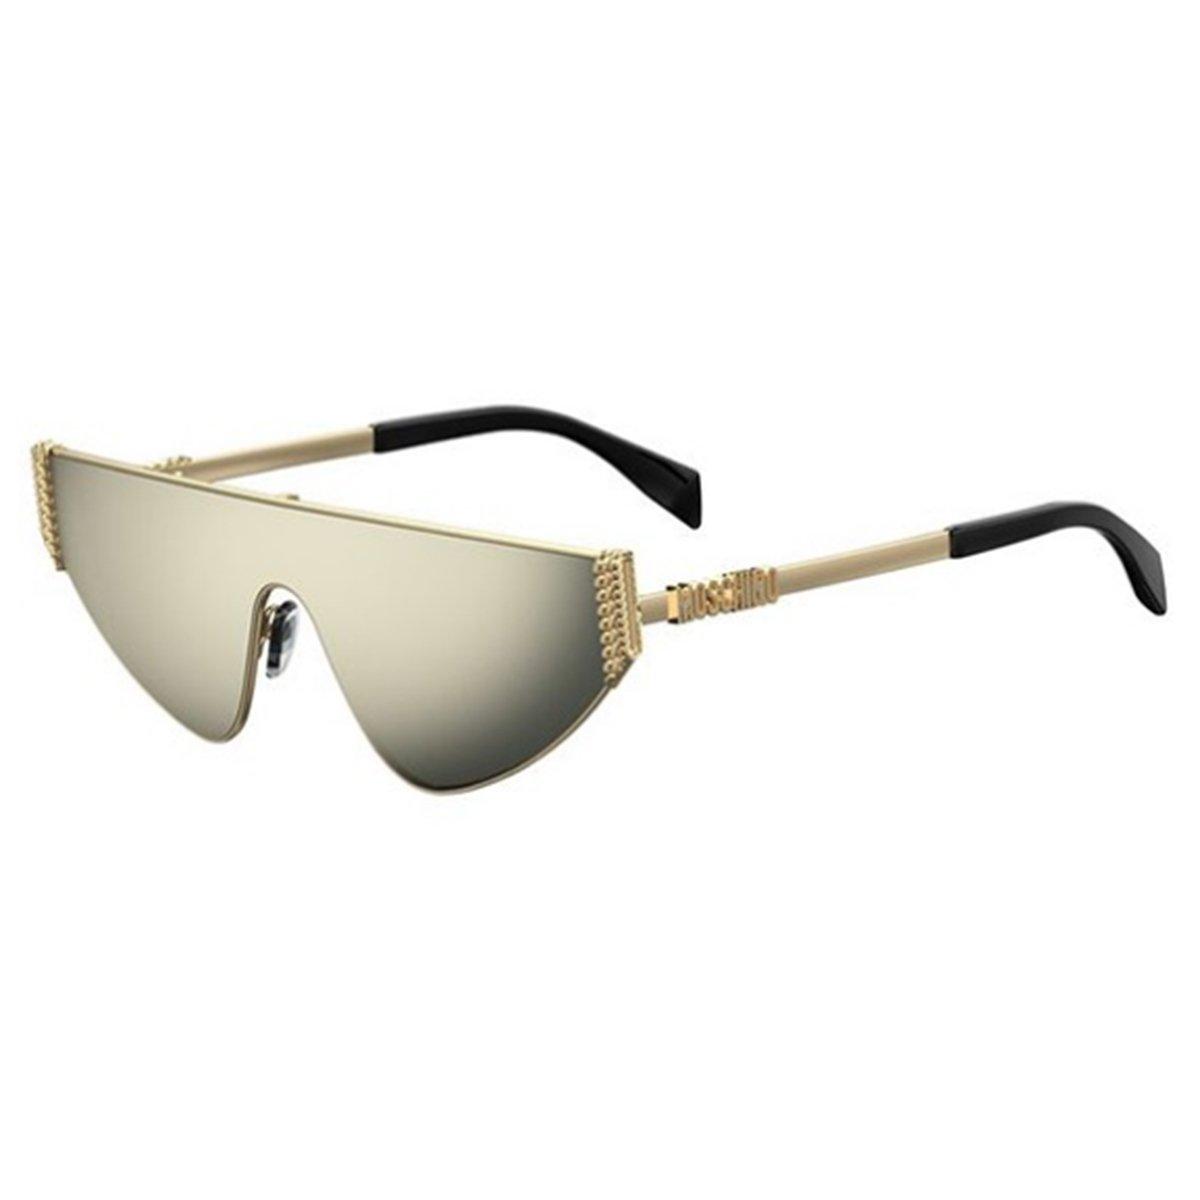 Compre Óculos de Sol Moschino em 10X   Tri-Jóia Shop 0fe8ba1b40